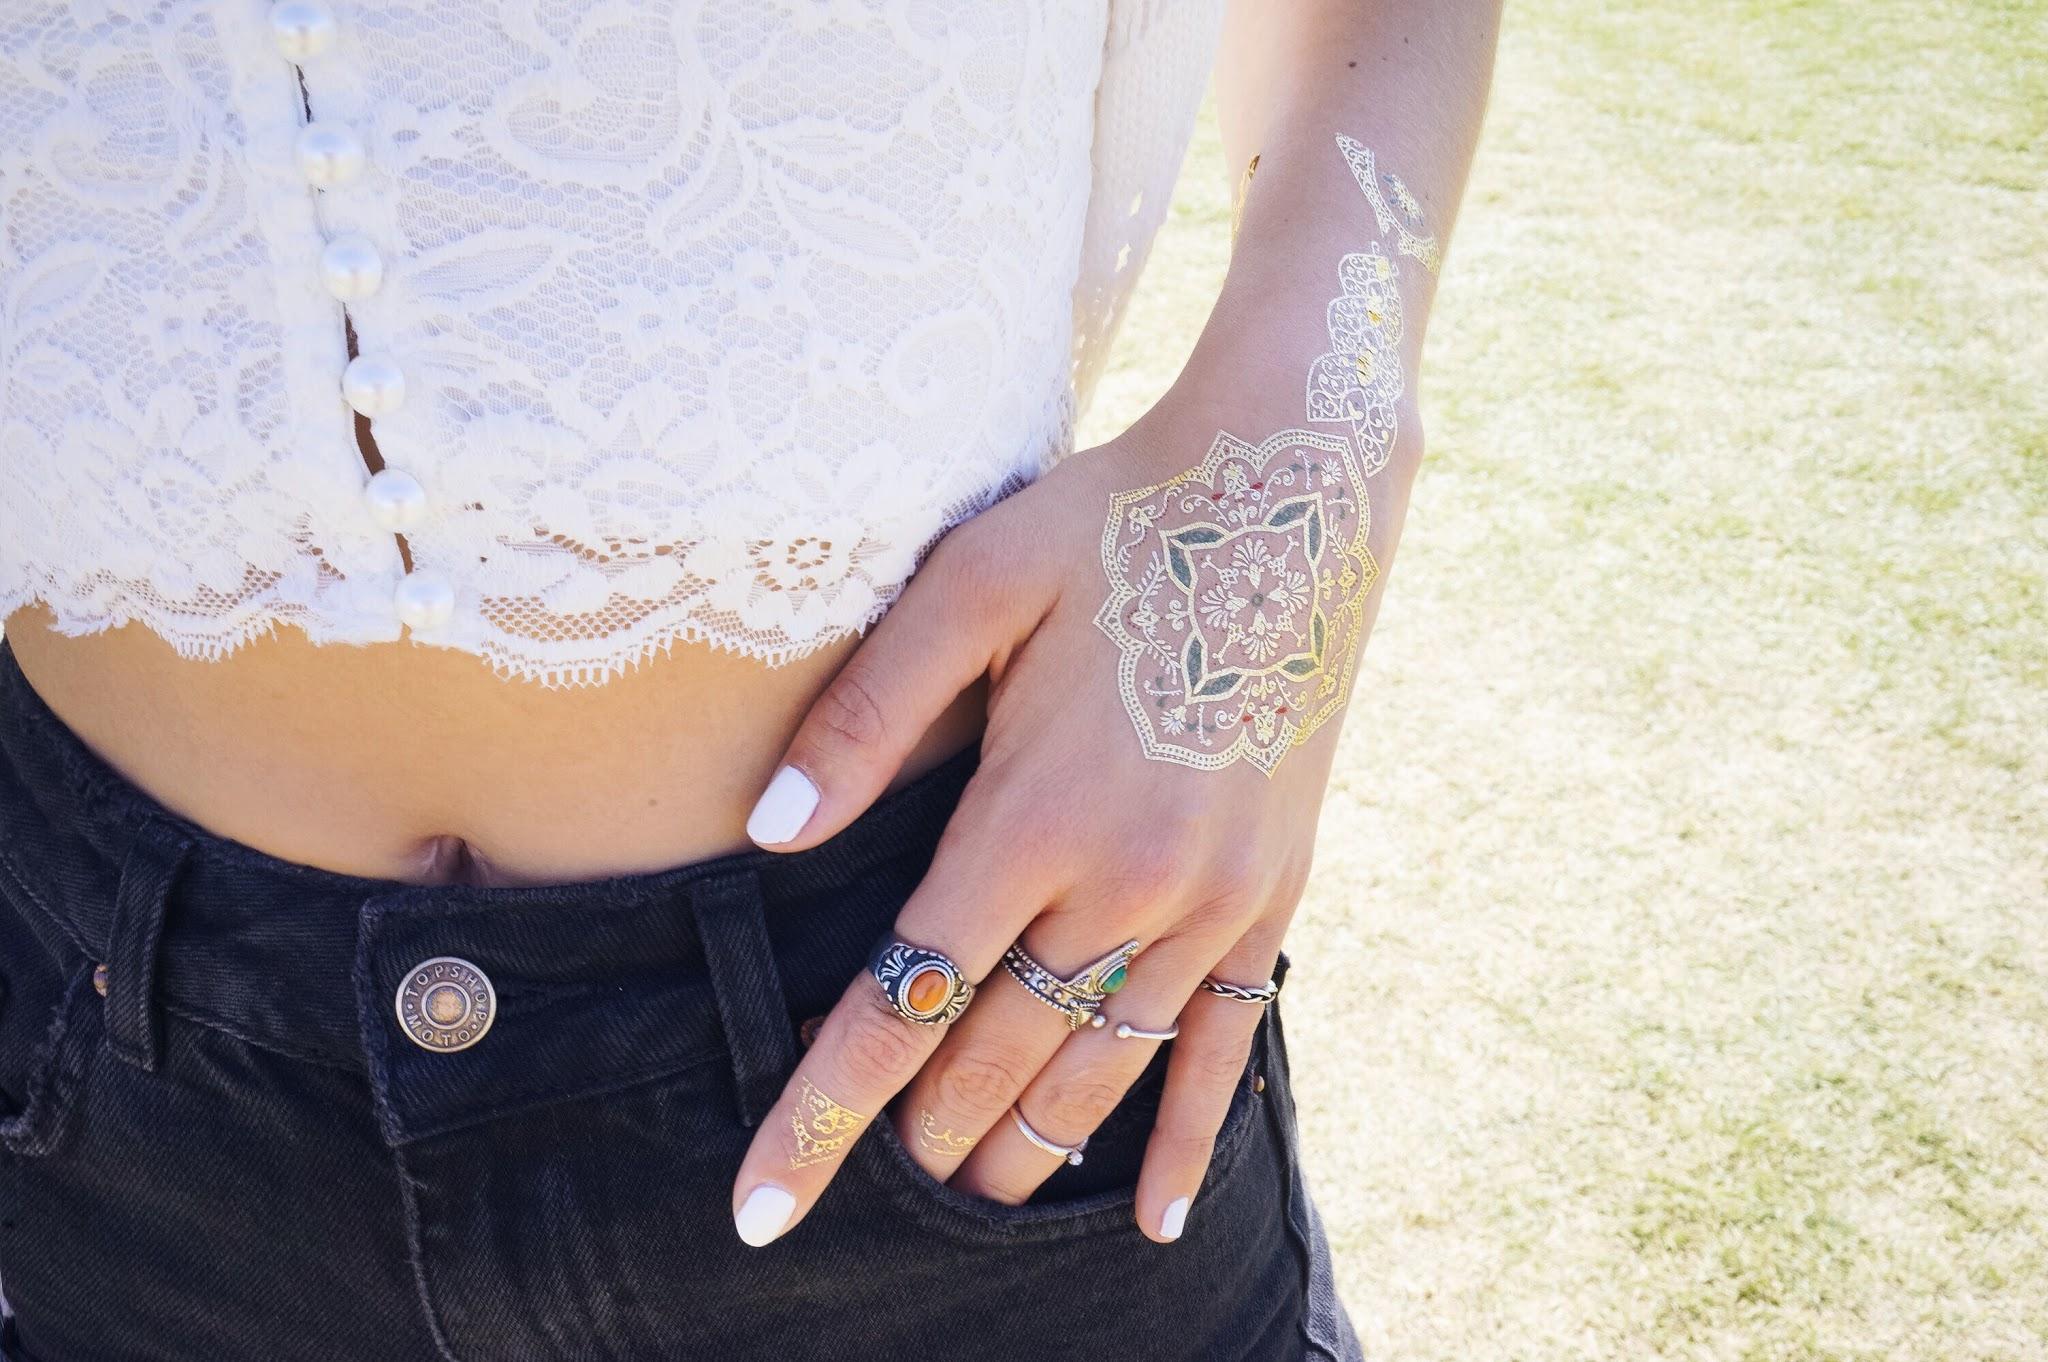 La blogueuse Meryl Denis a opté pour les tattoos dorés Sioou façon bijou de main lors du fetsival de Coachella